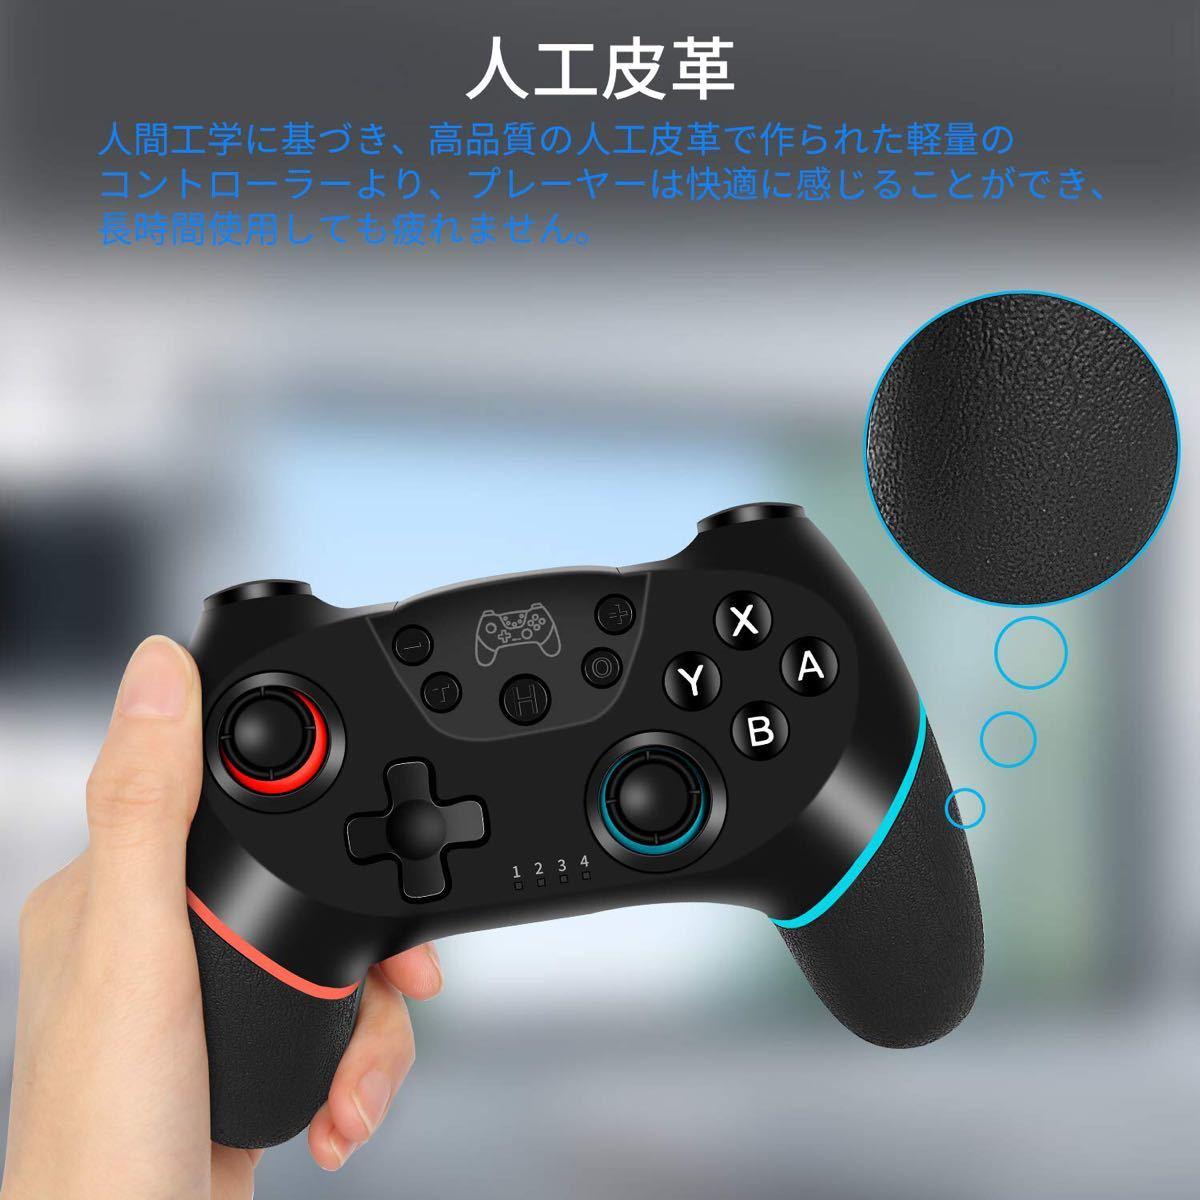 【2020最新版】Switchスイッチ コントローラー ワイヤレス接続